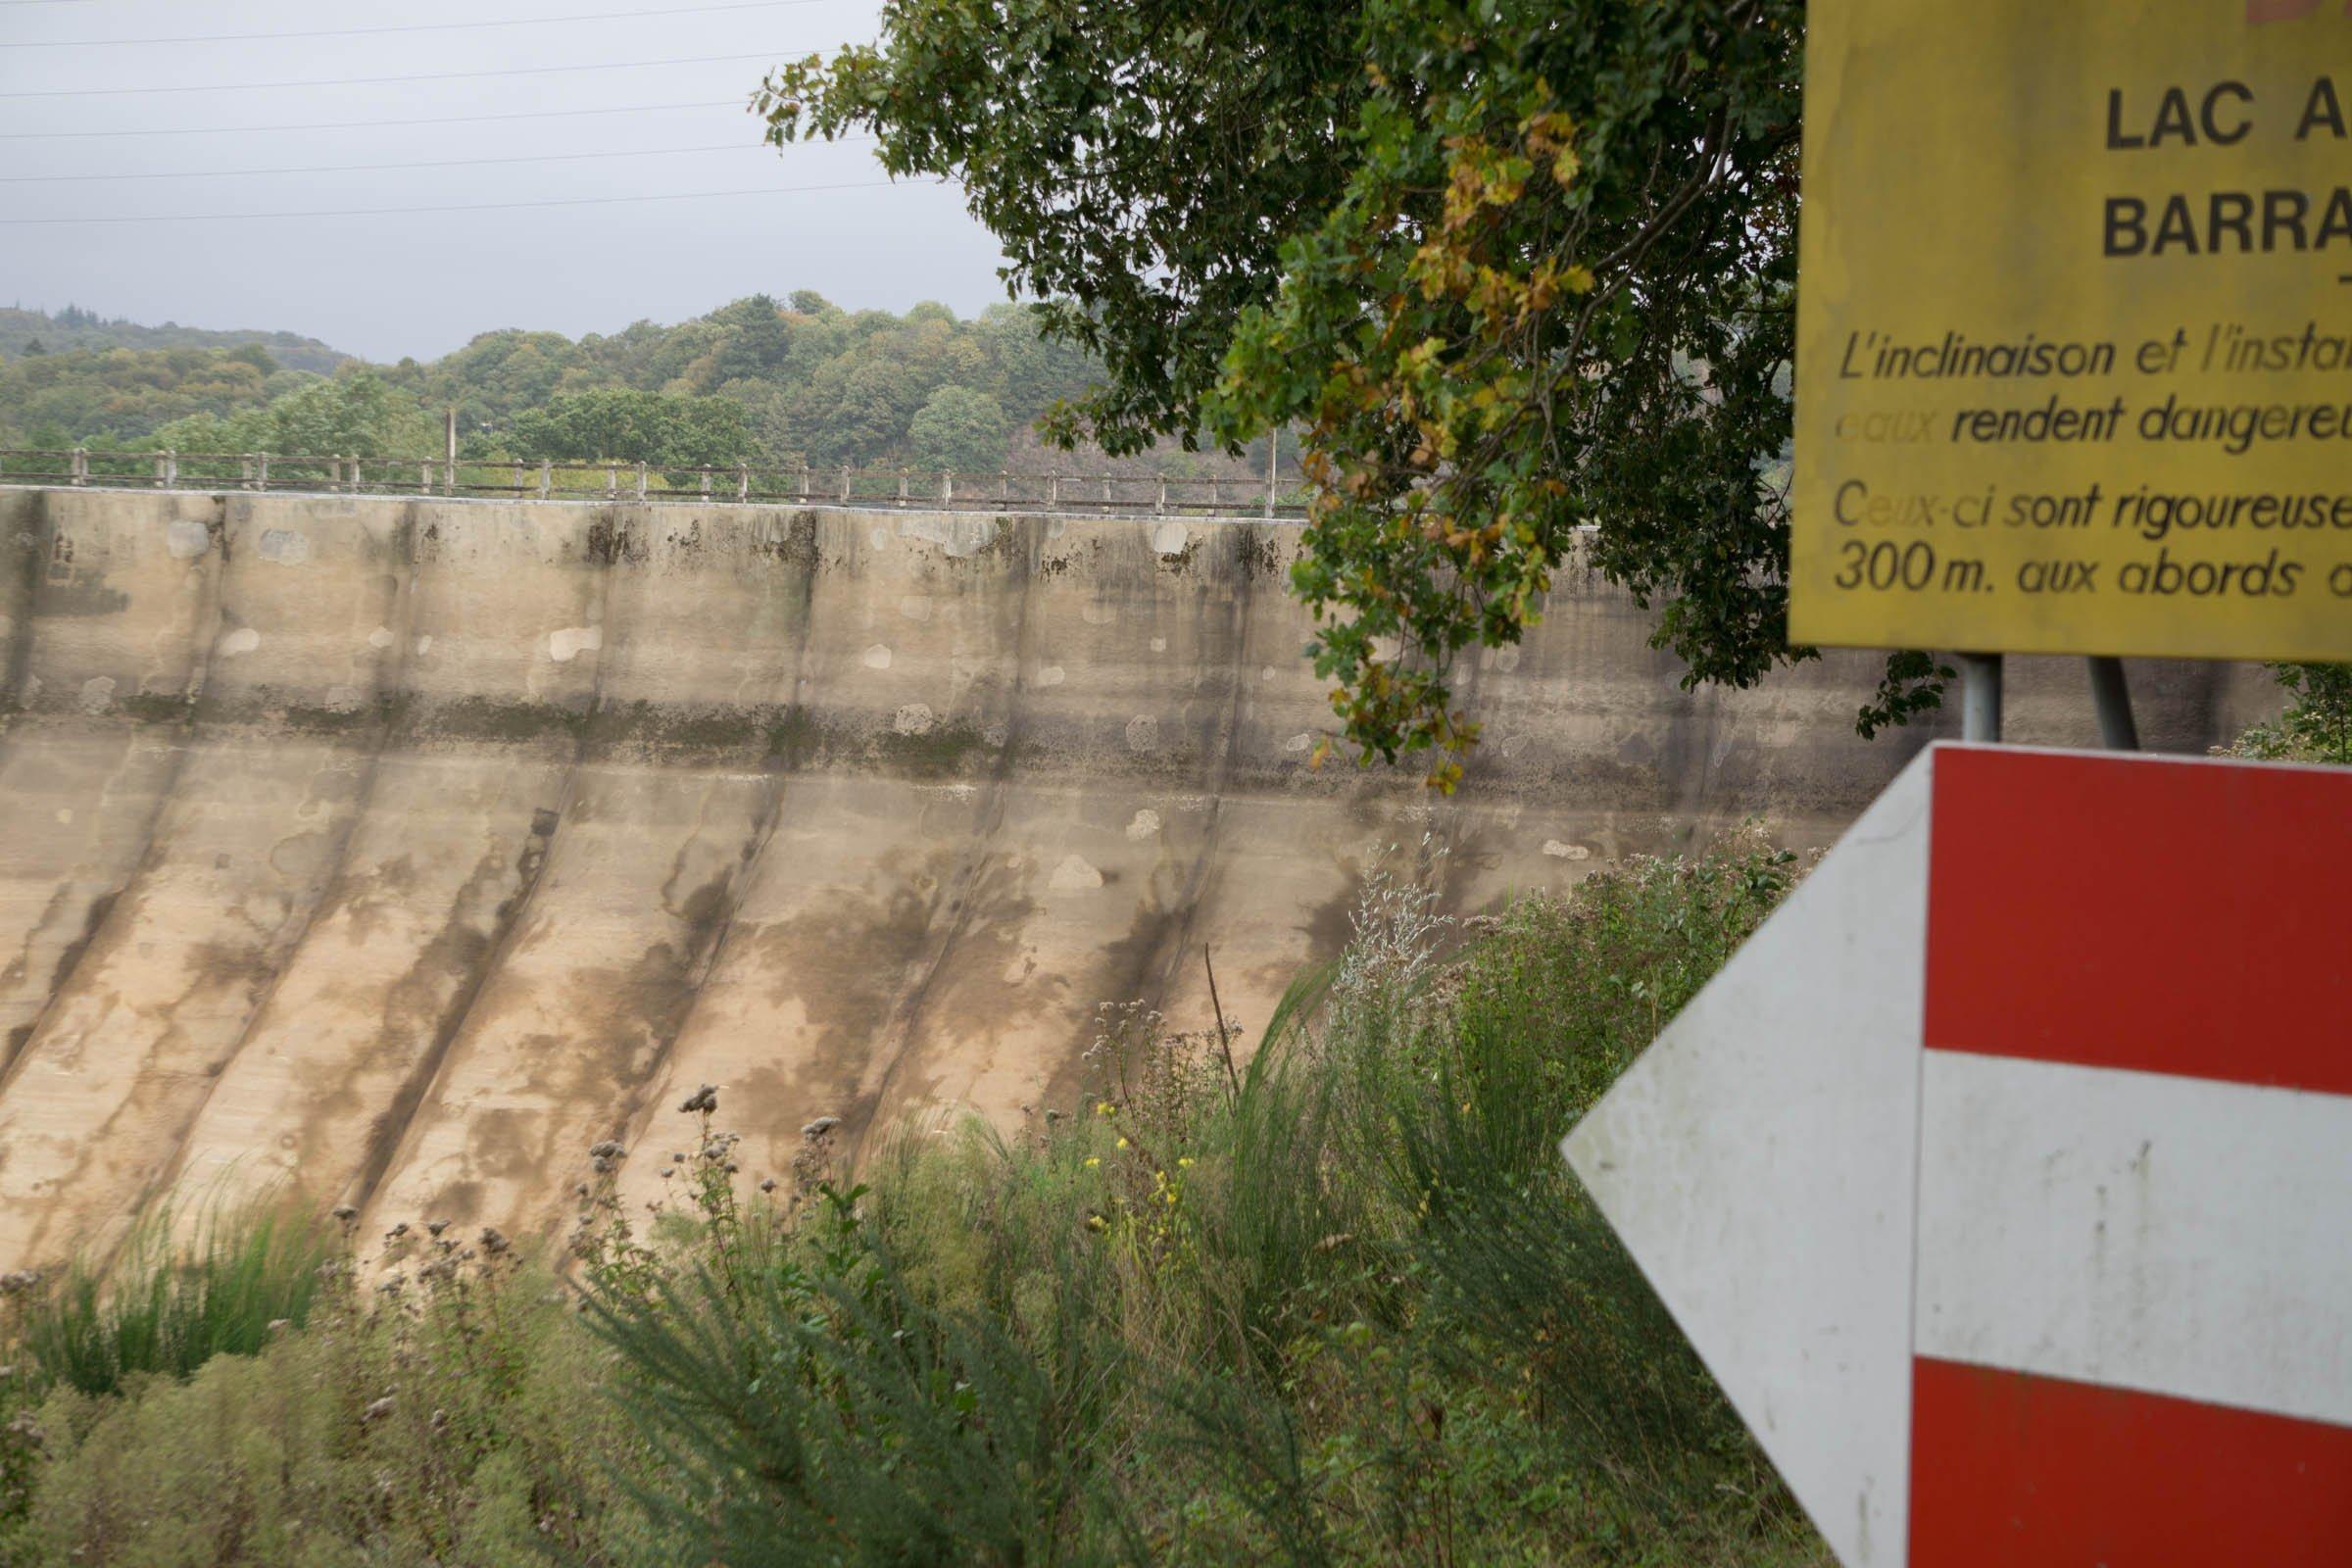 Ein großer alter Staudamm, rechts davon Hinweisschilder.